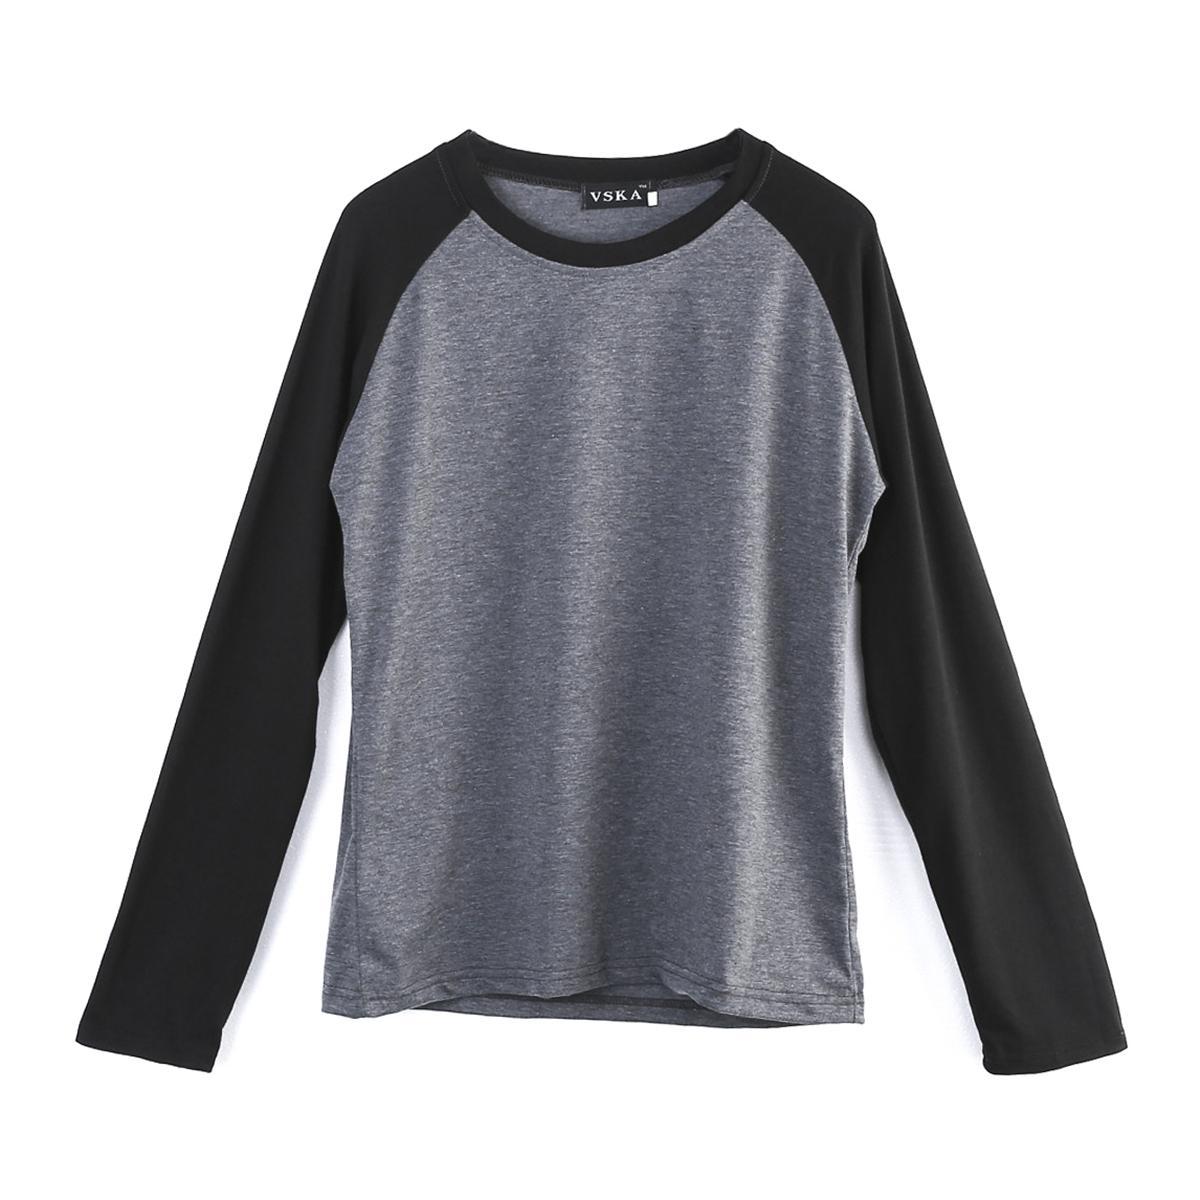 Tişörtler Uzun Kollu Düz Beyzbol Raglan Tişört Tee Erkek Spor Takım Running 5 Renk R Boyun U